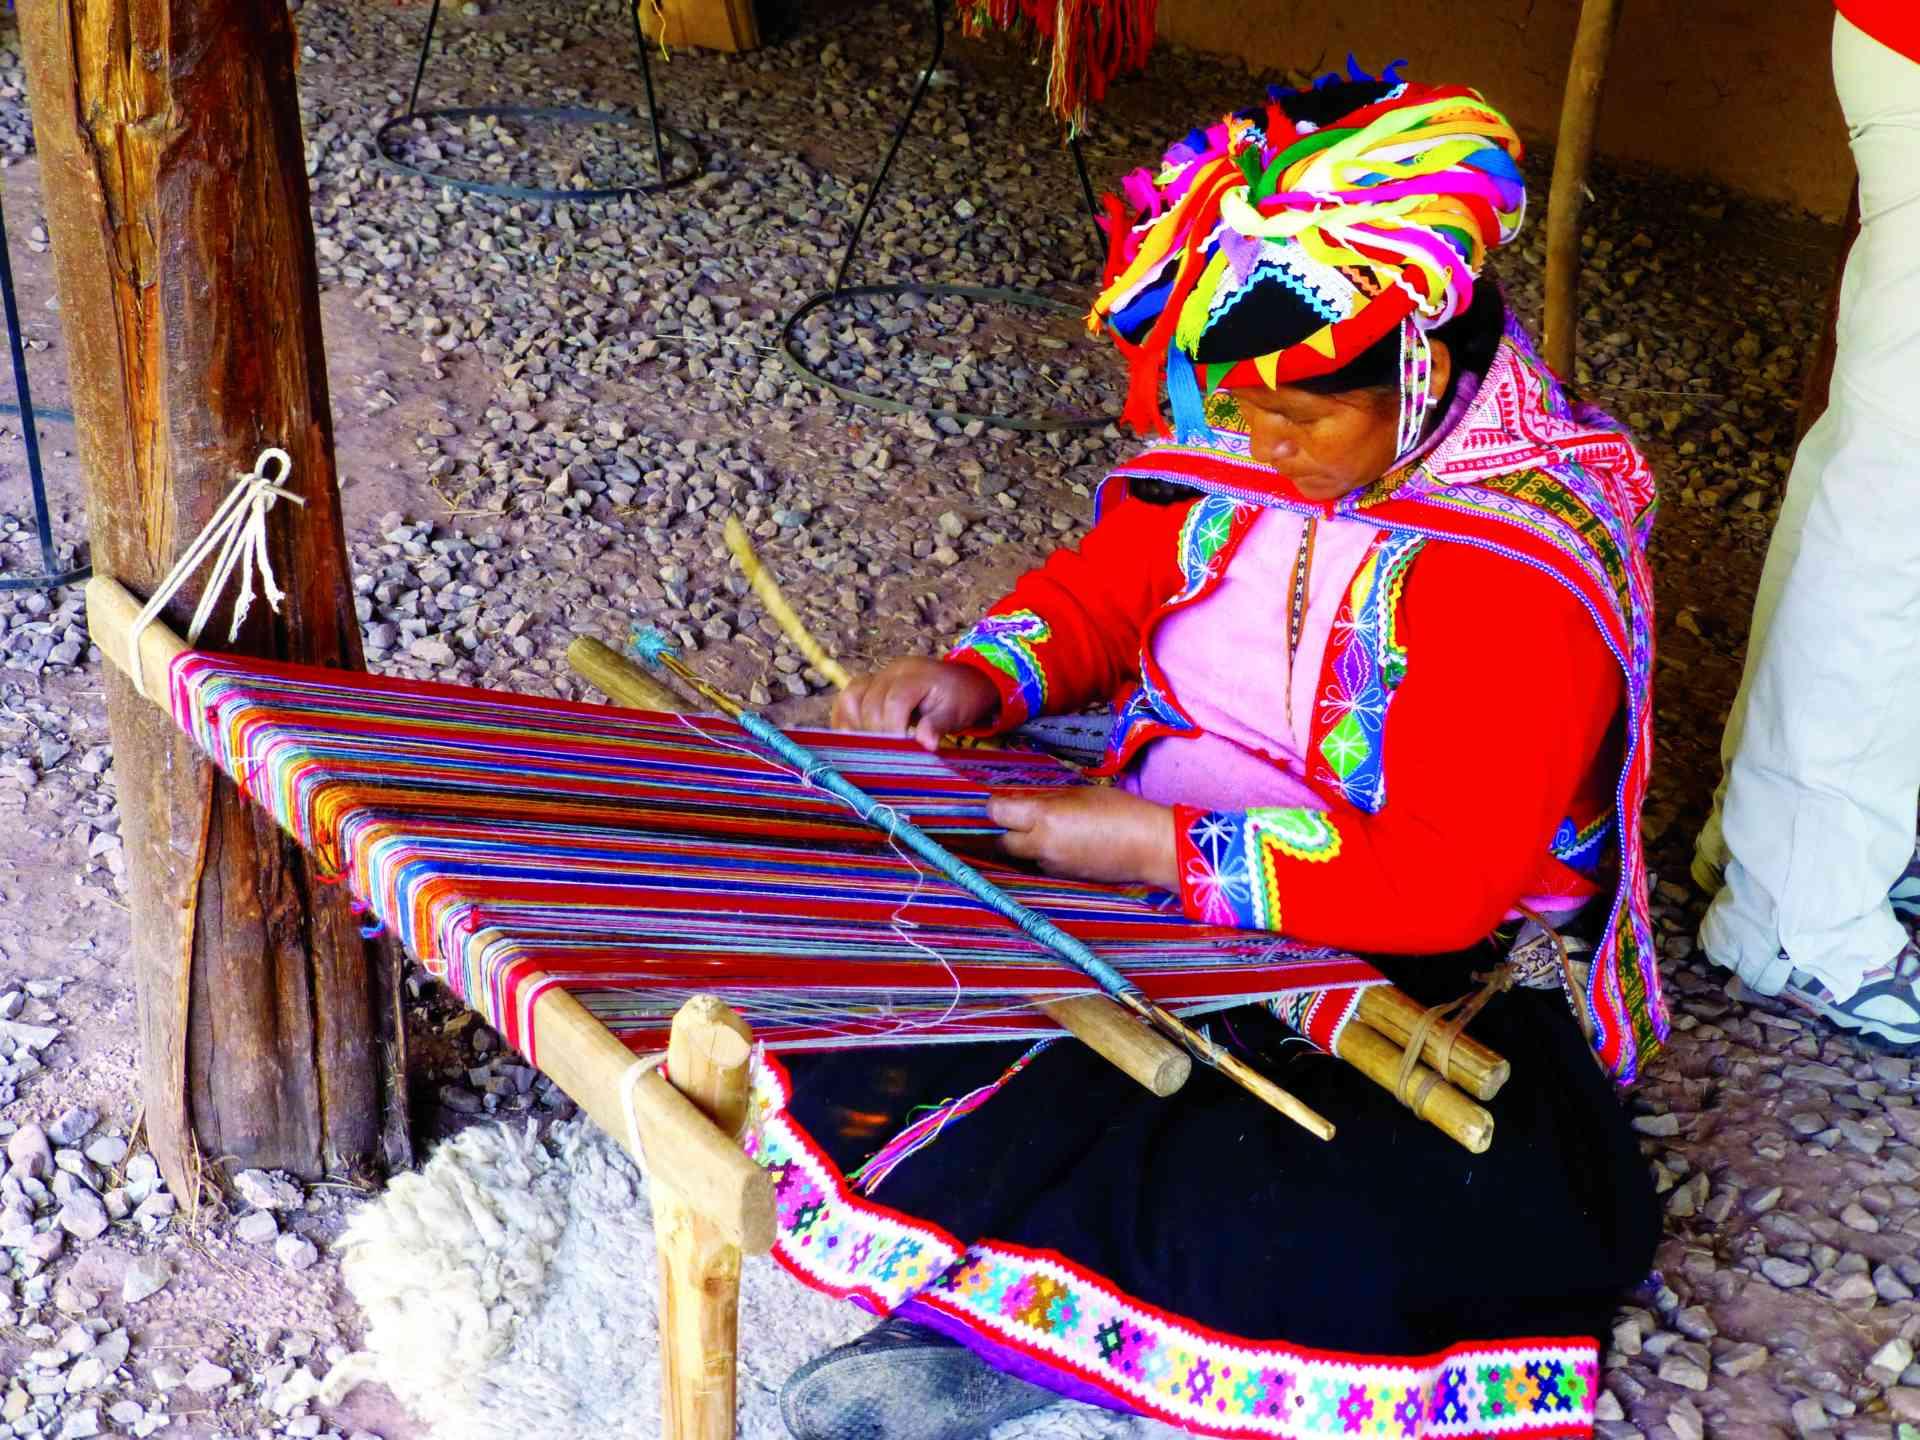 Weaver in Peru by Zoe Francis